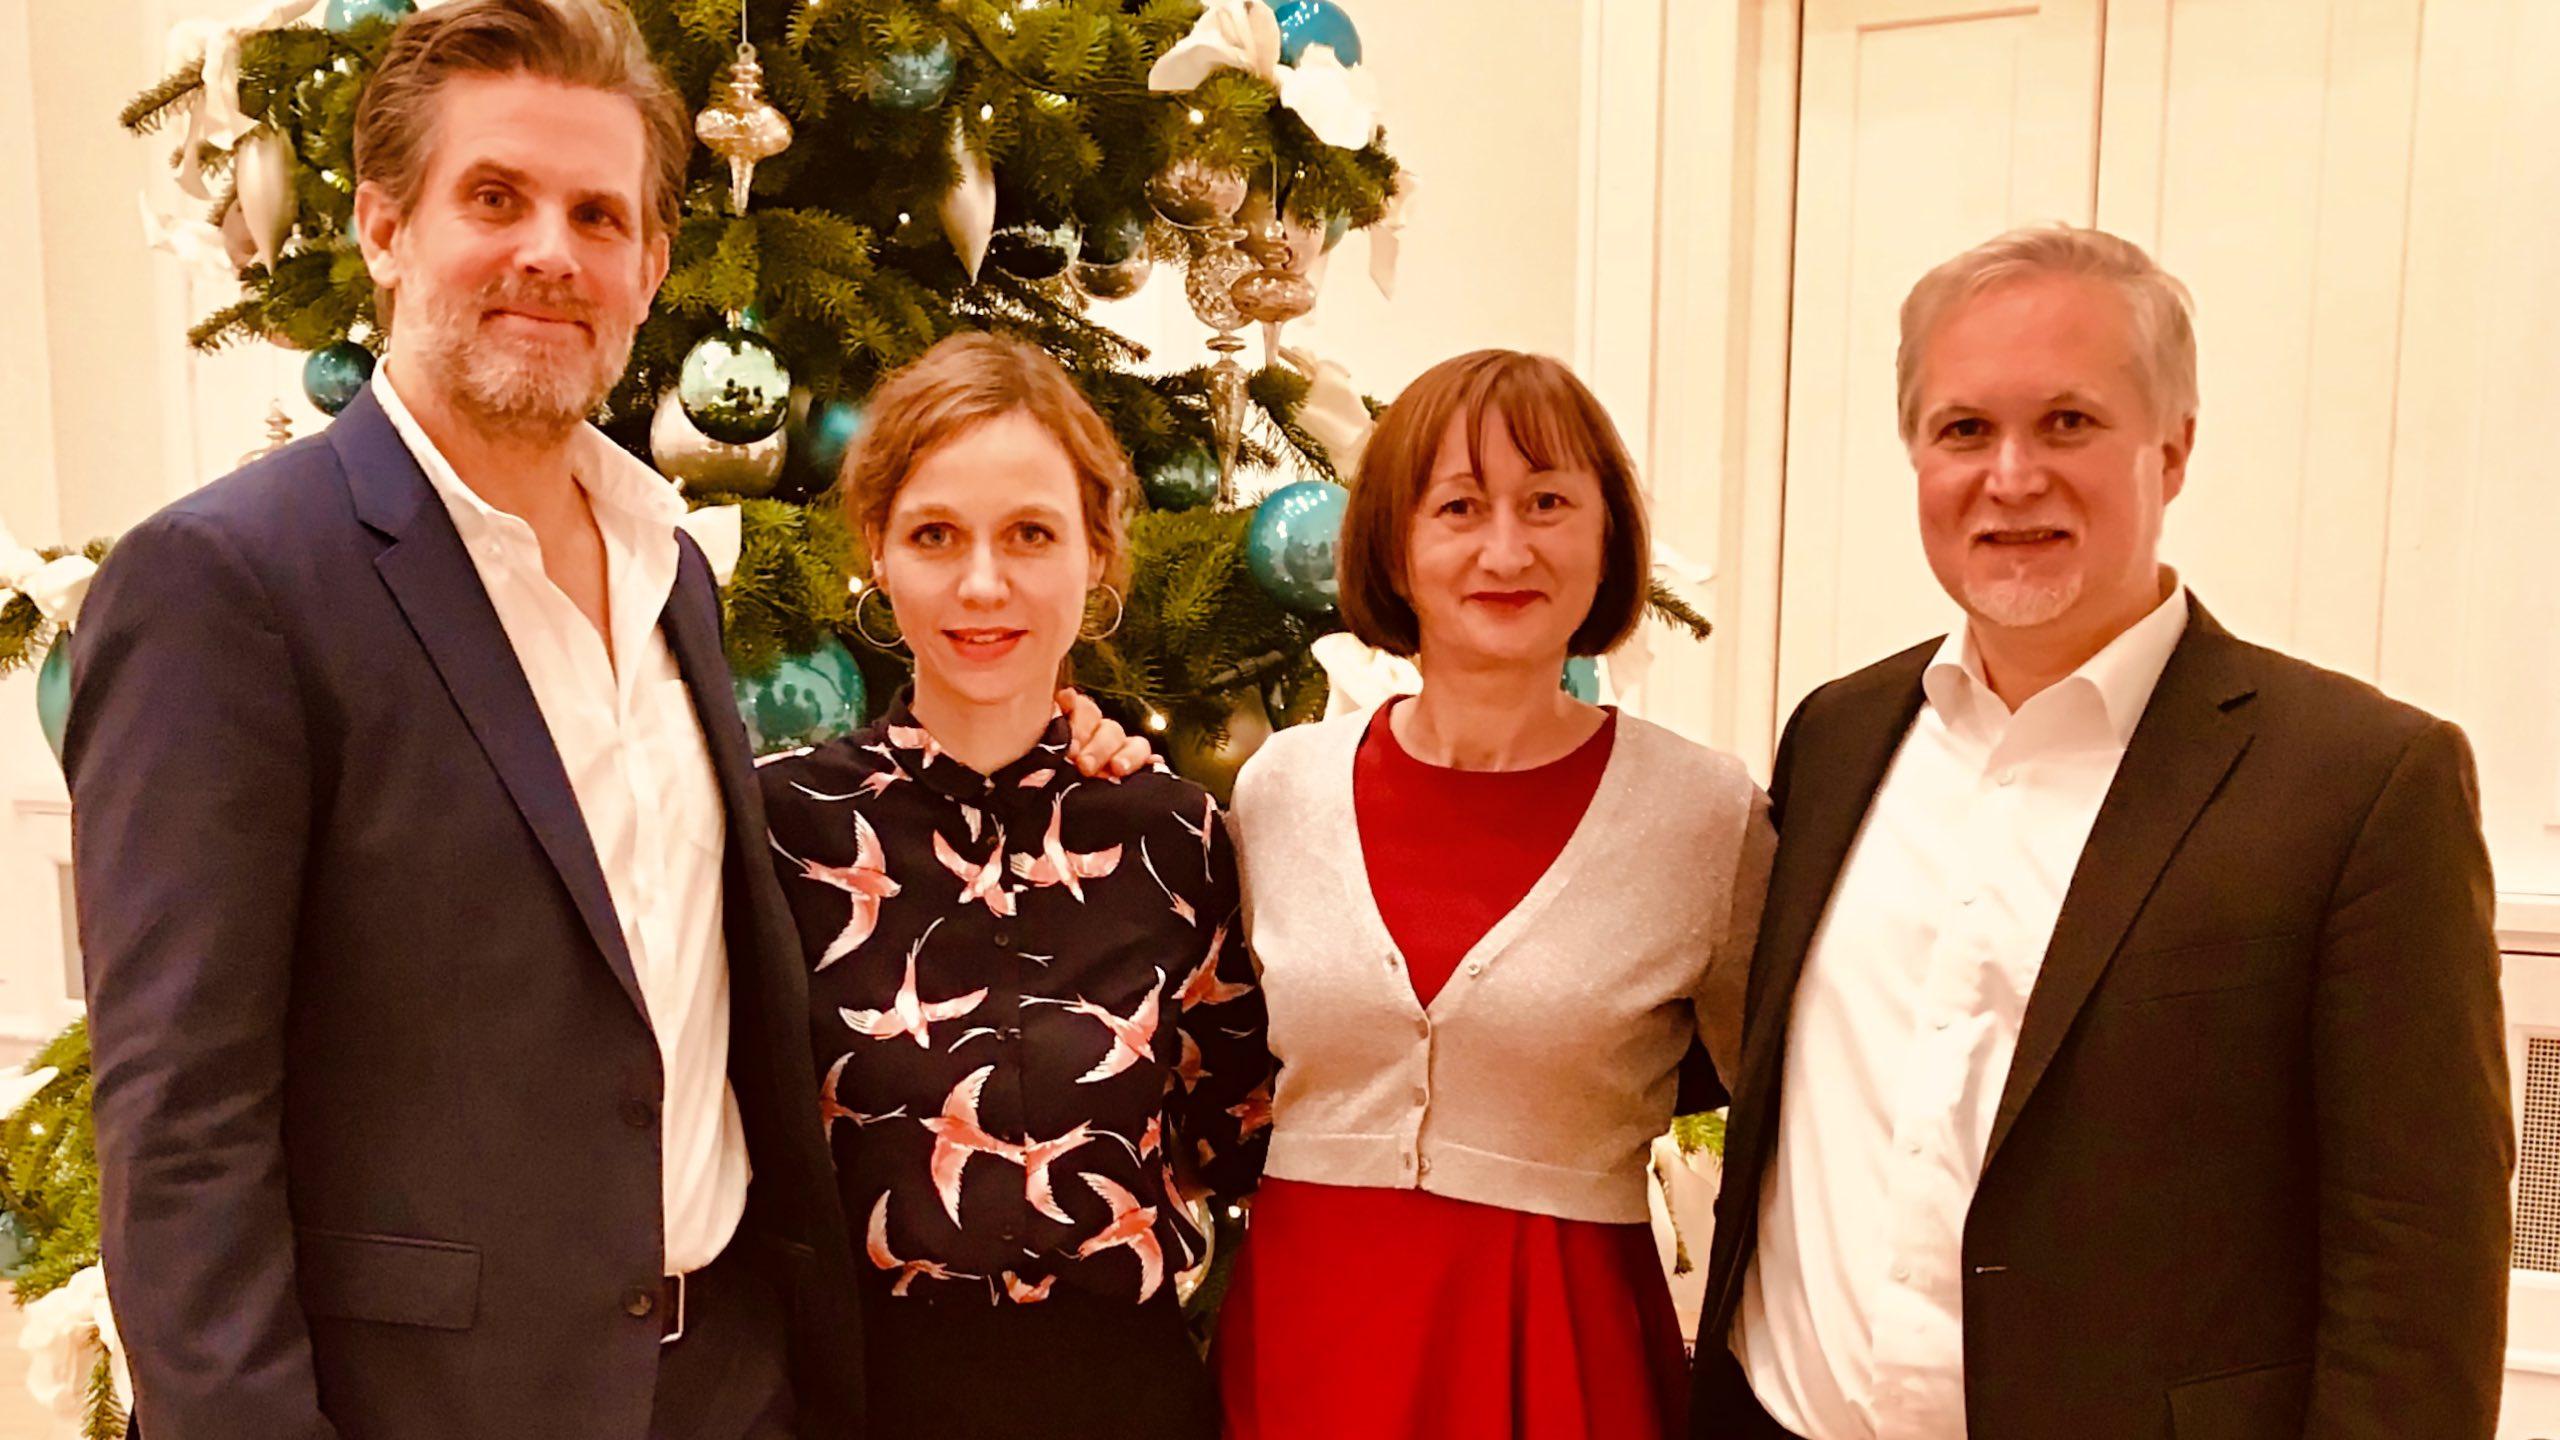 Rilke in Spanien: Nadja Becker, Steffen Groth und Heiko Ossig.